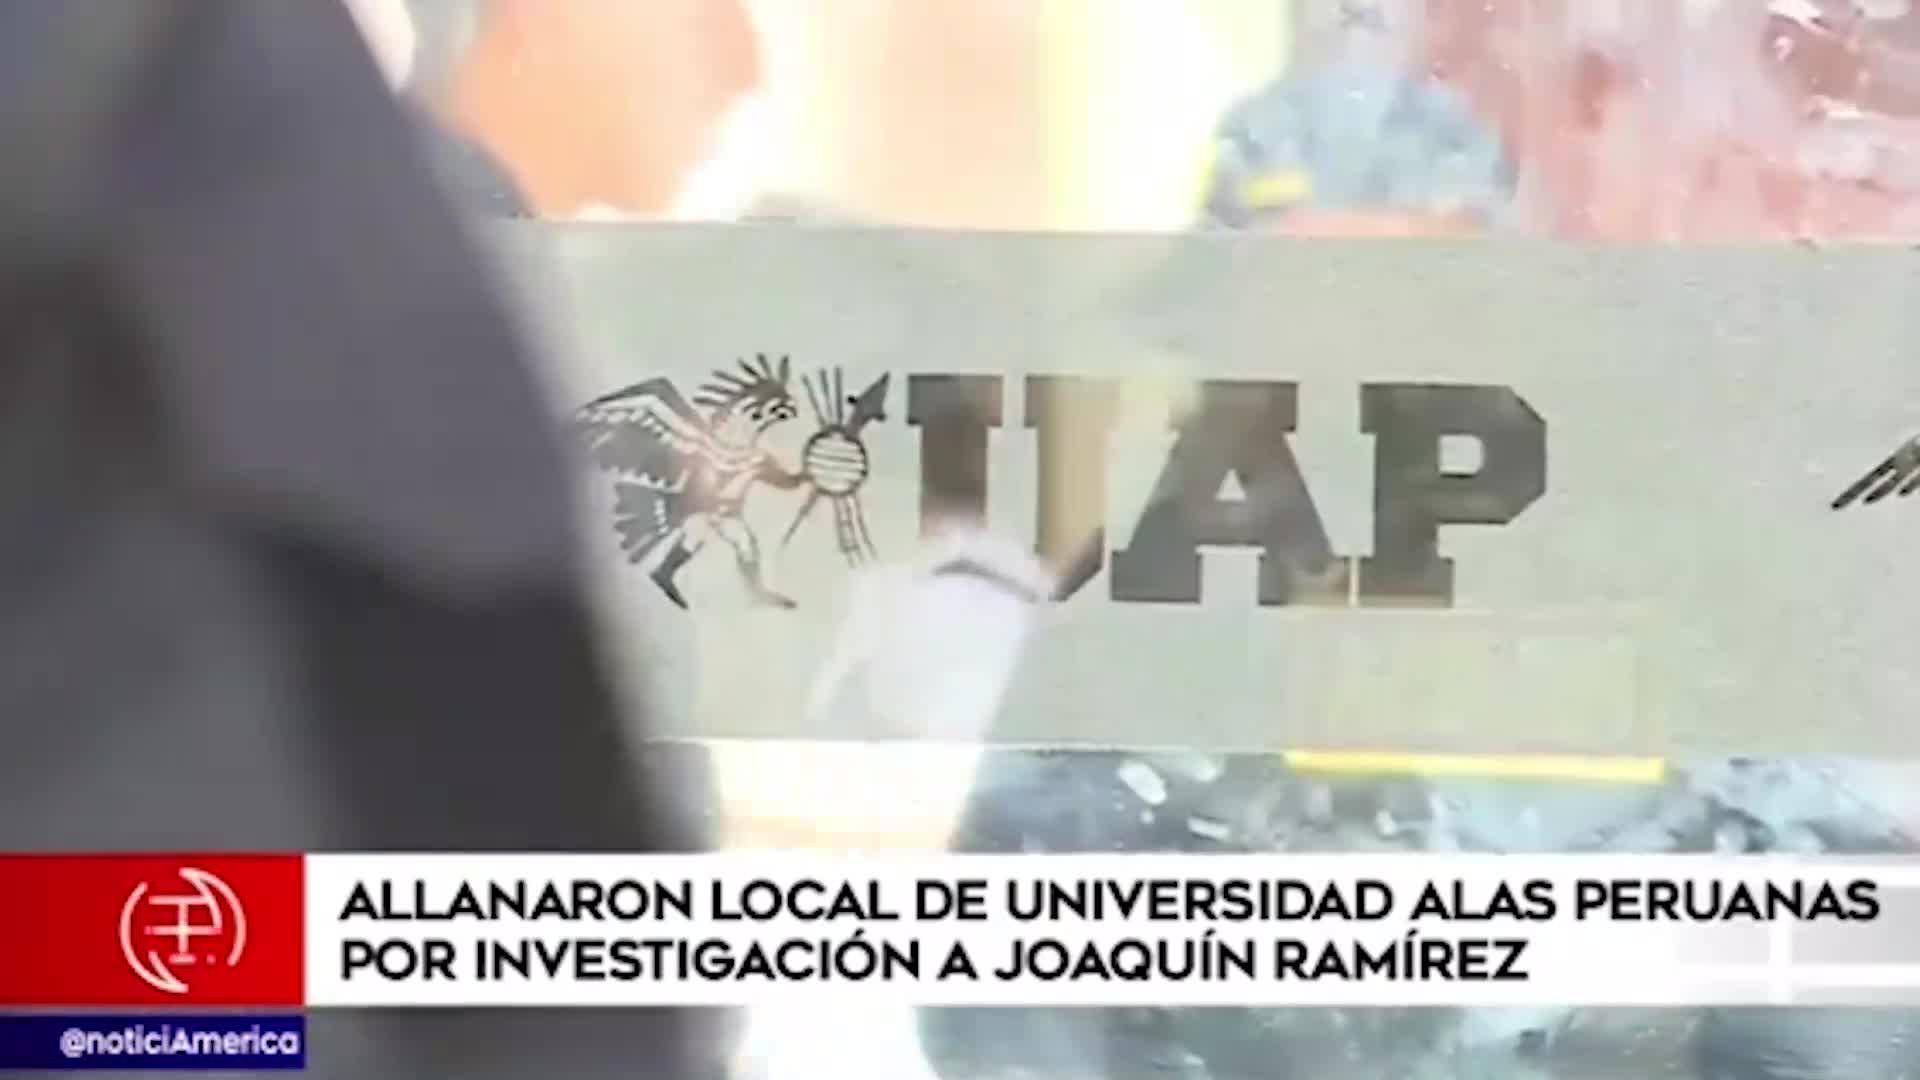 Fiscalía allanó sede de Universidad Alas Peruanas por caso Joaquín Ramírez